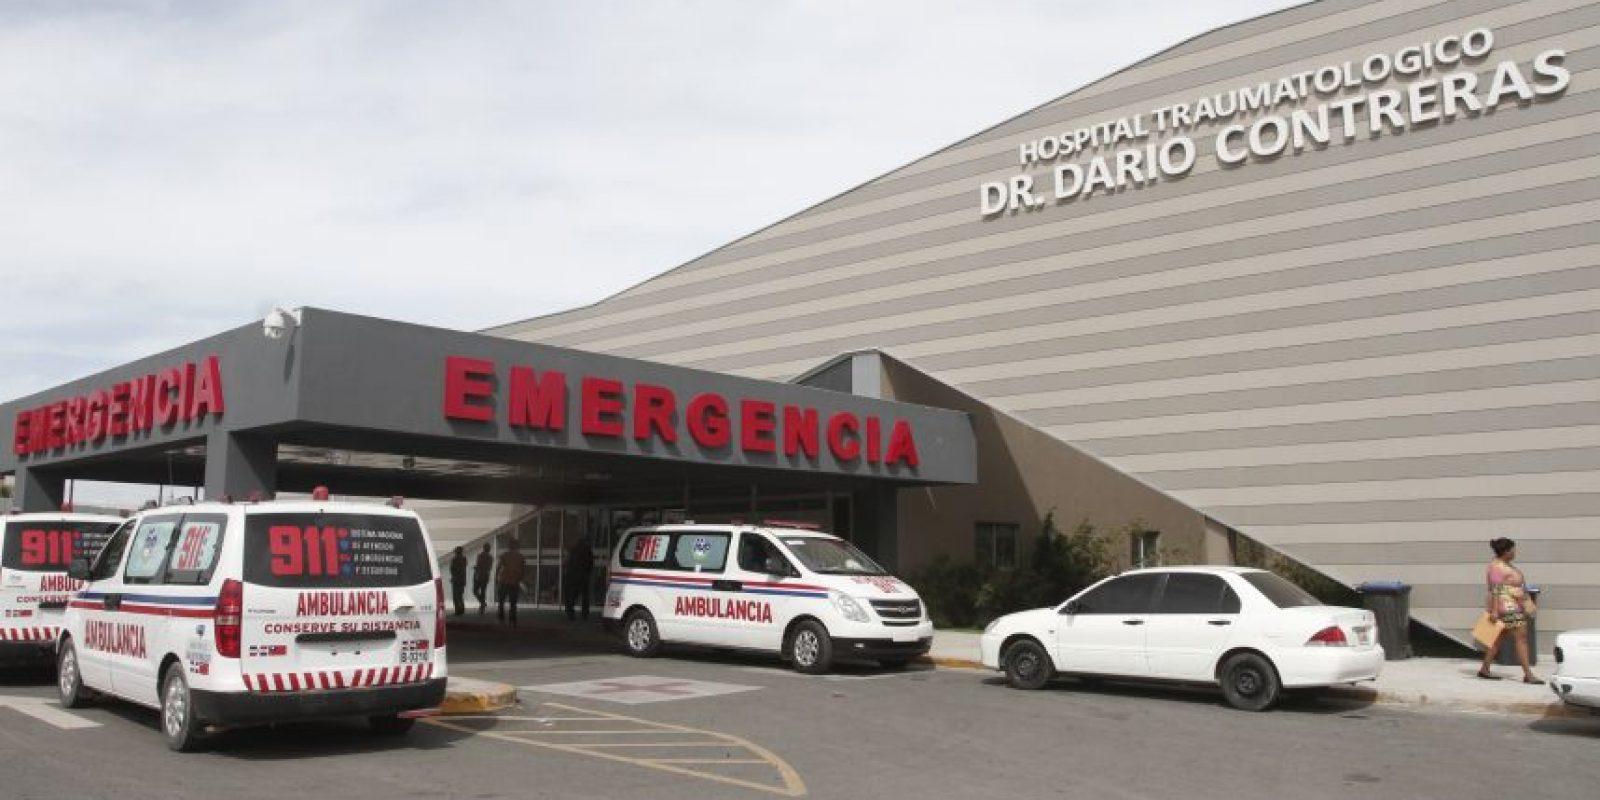 Fachada del reconstruido Hospital Docente Universitario Dr. Darío Contreras. / Fotos: Roberto Guzmán